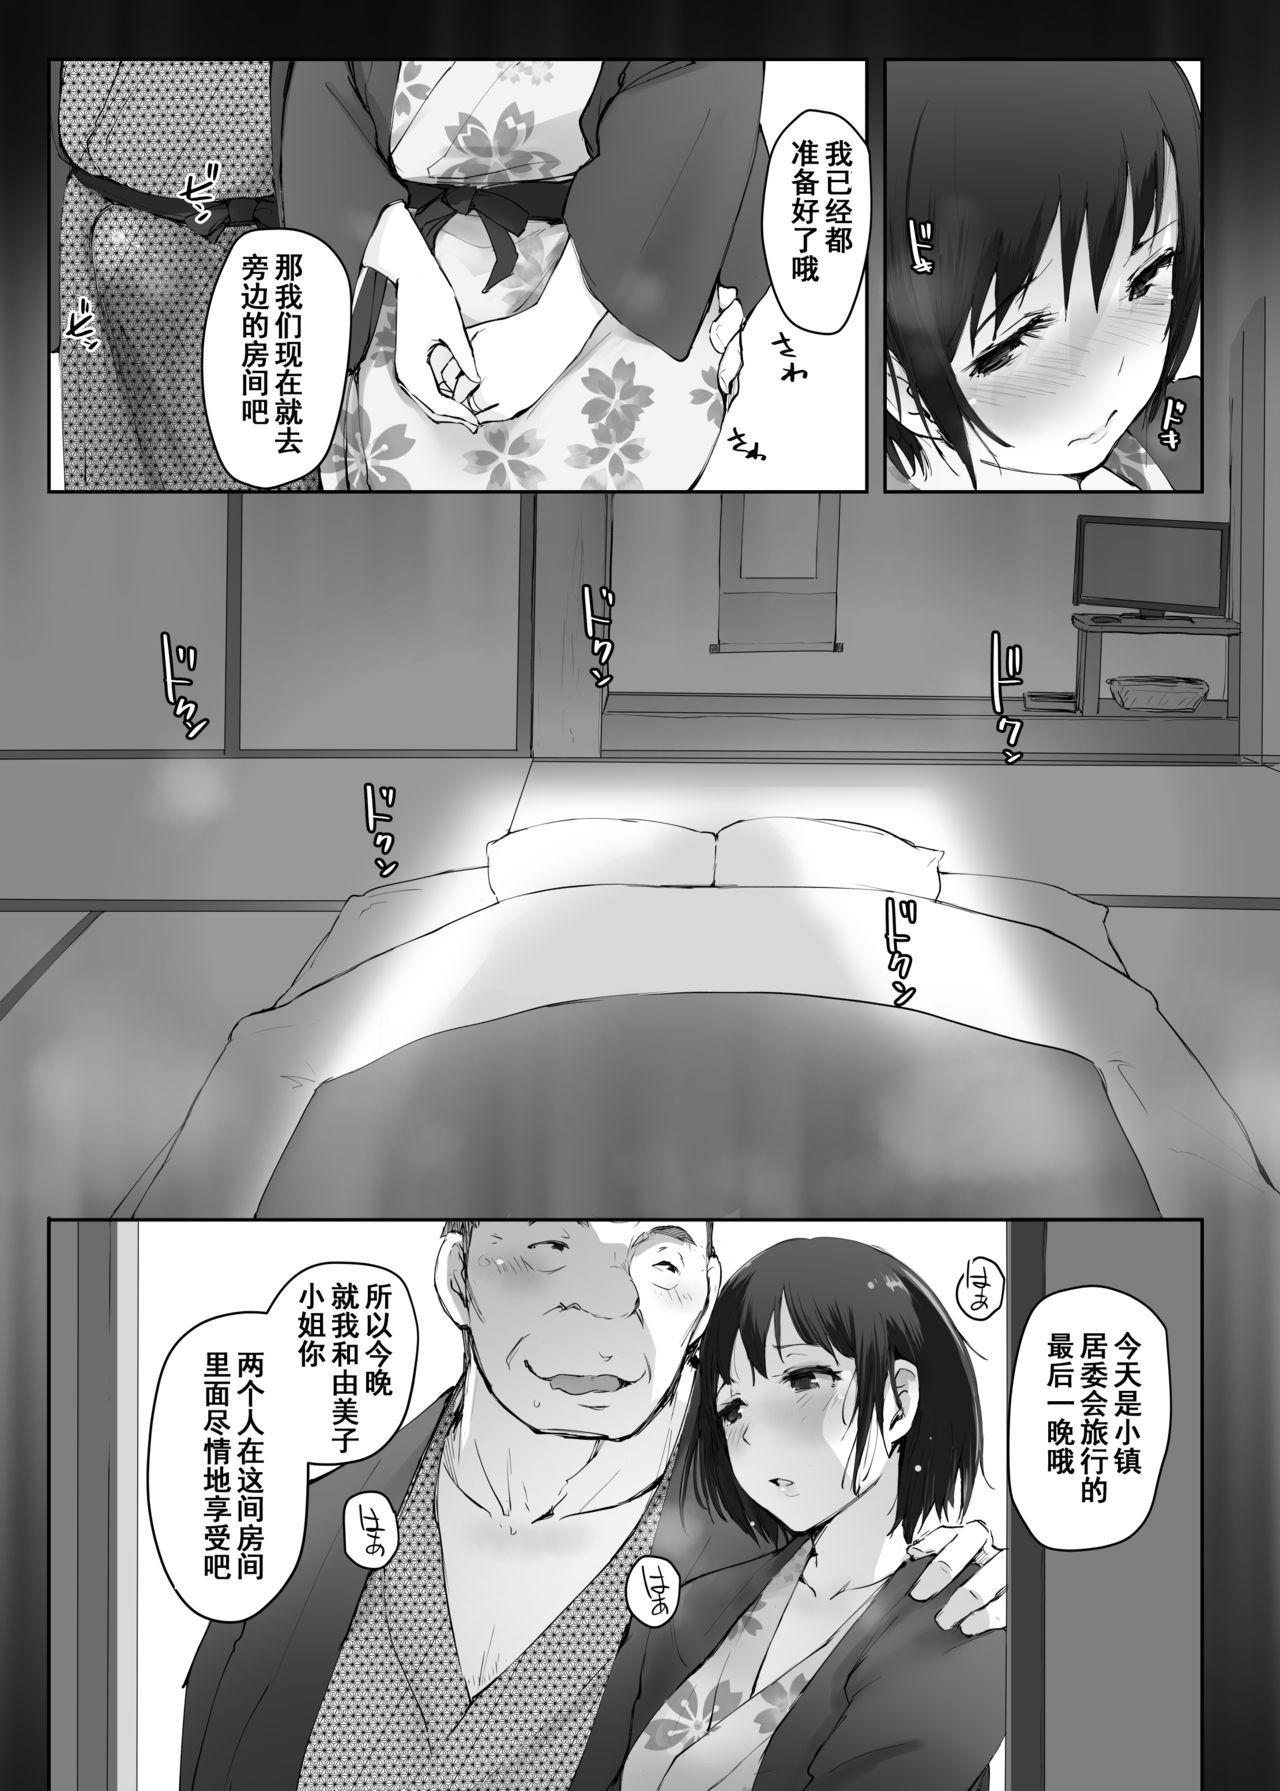 Hitozuma to NTR Chounai Ryokou 19